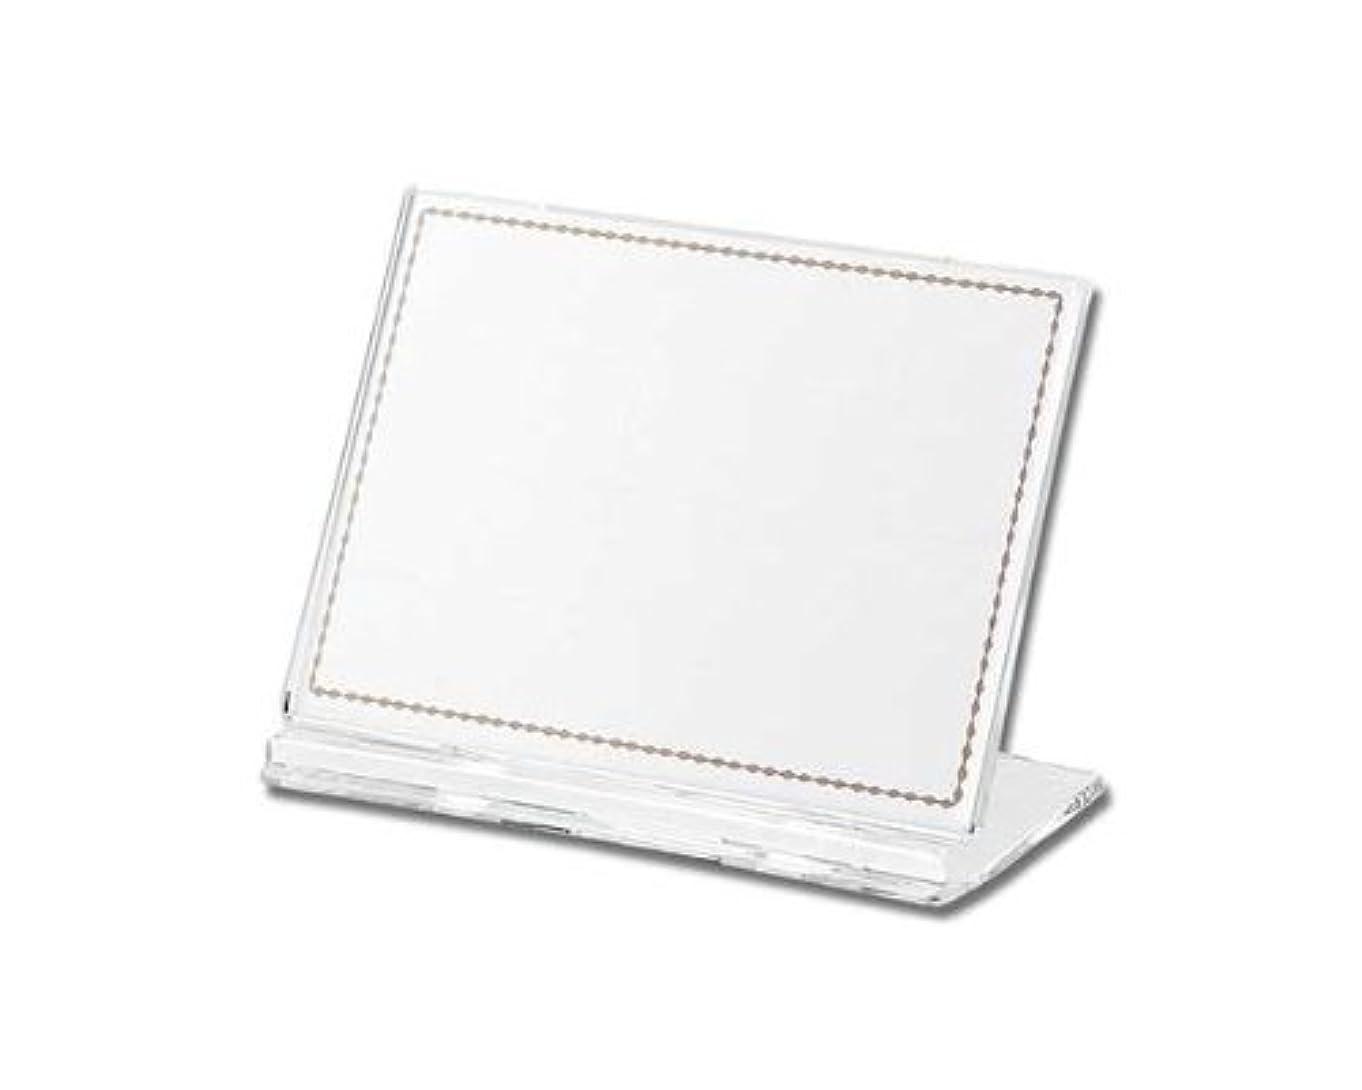 アイスクリームバルブ掃除光 カード立て 透明 UC1-1